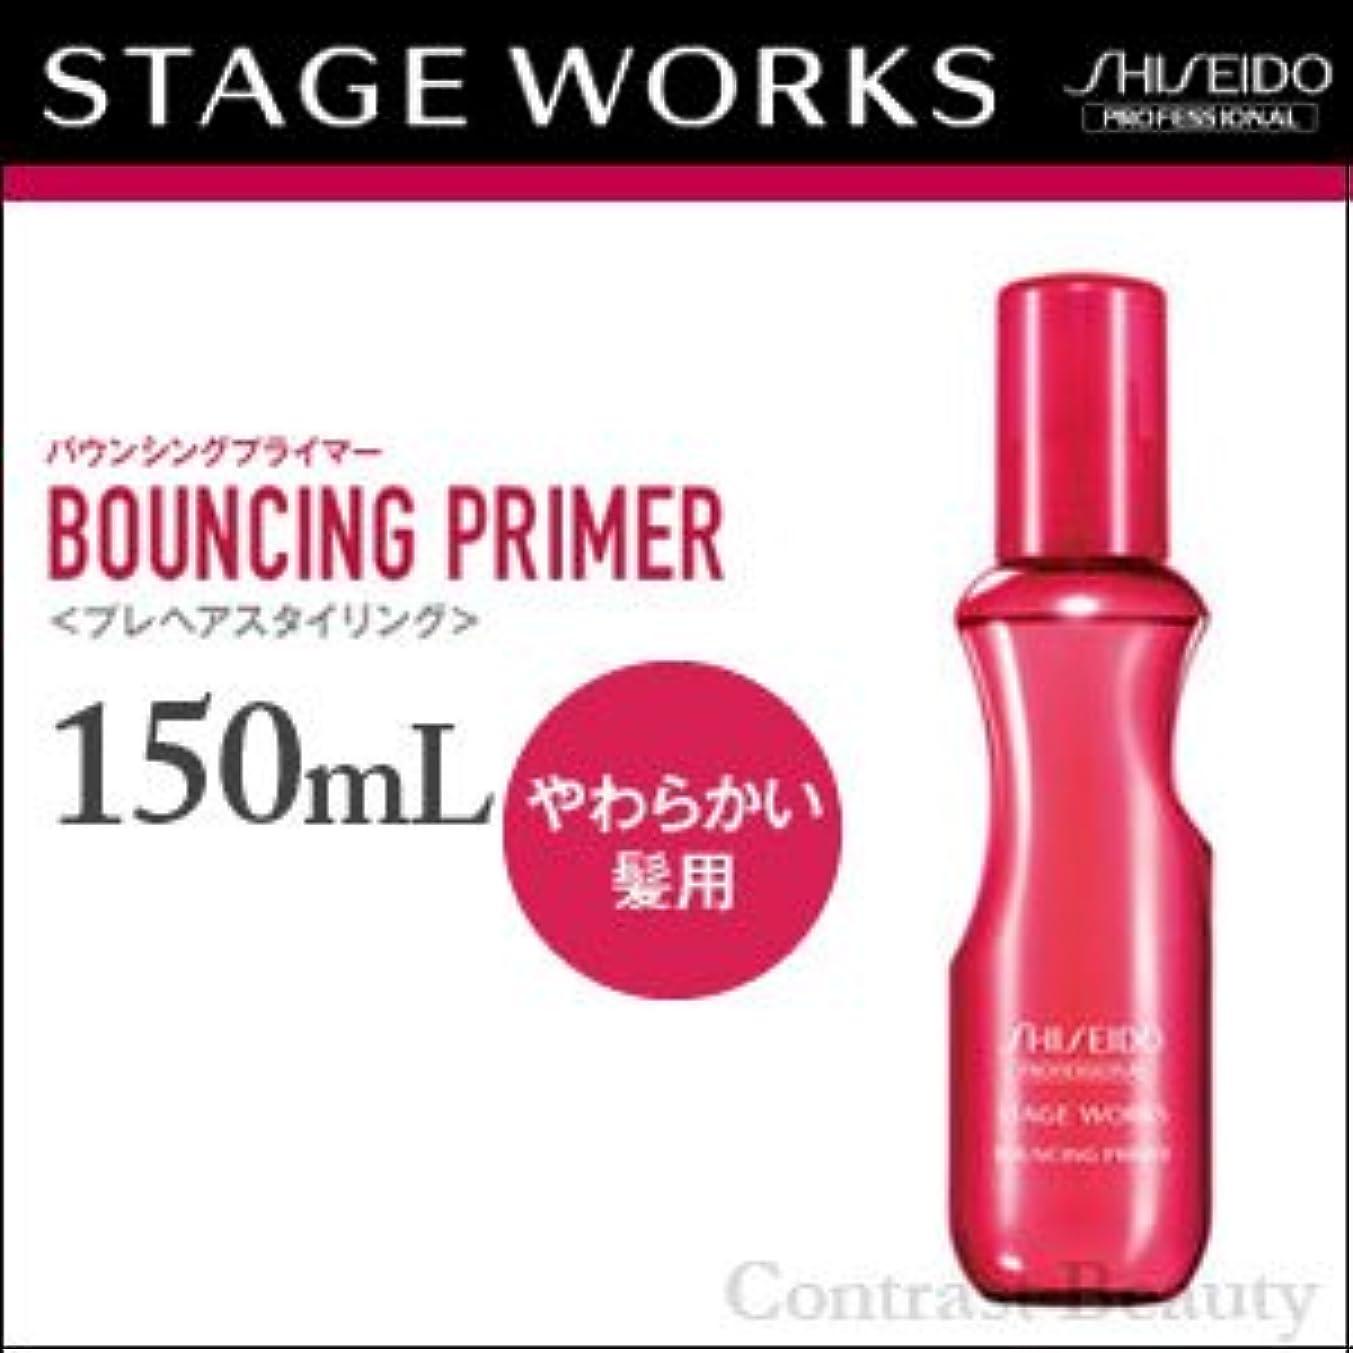 オーケストラ免疫する名声【x3個セット】 資生堂 ステージワークス バウンシングプライマー 150ml